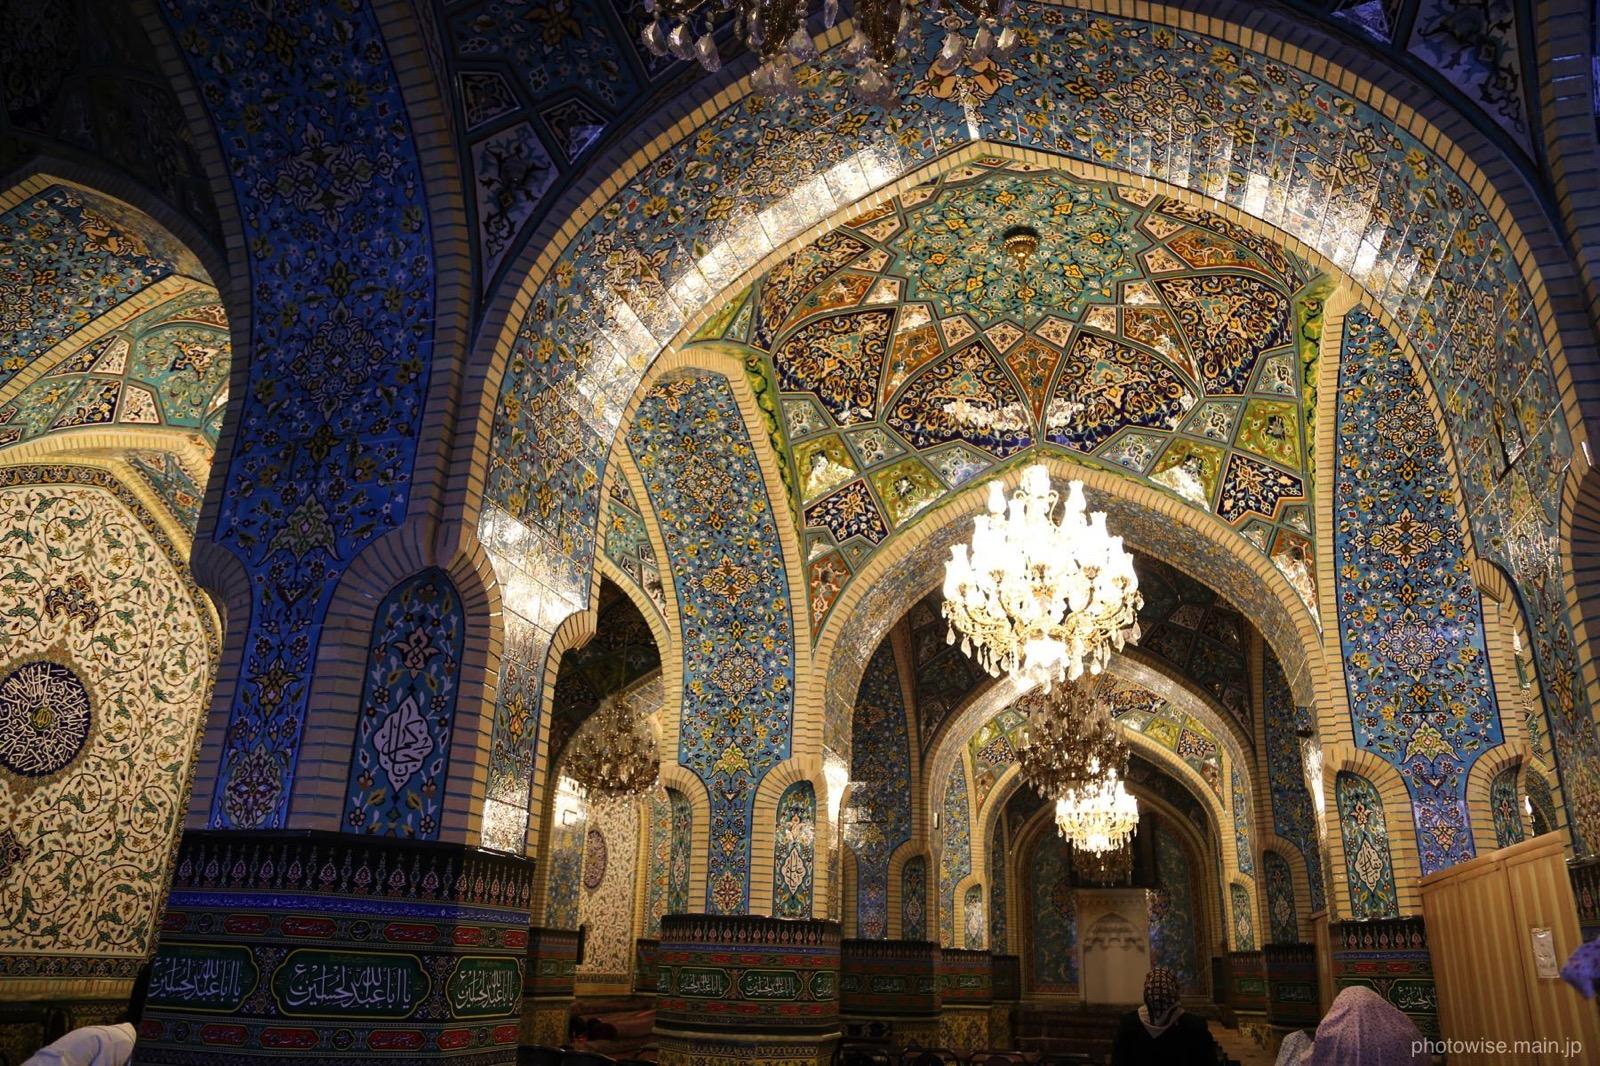 バザールのモスク内部